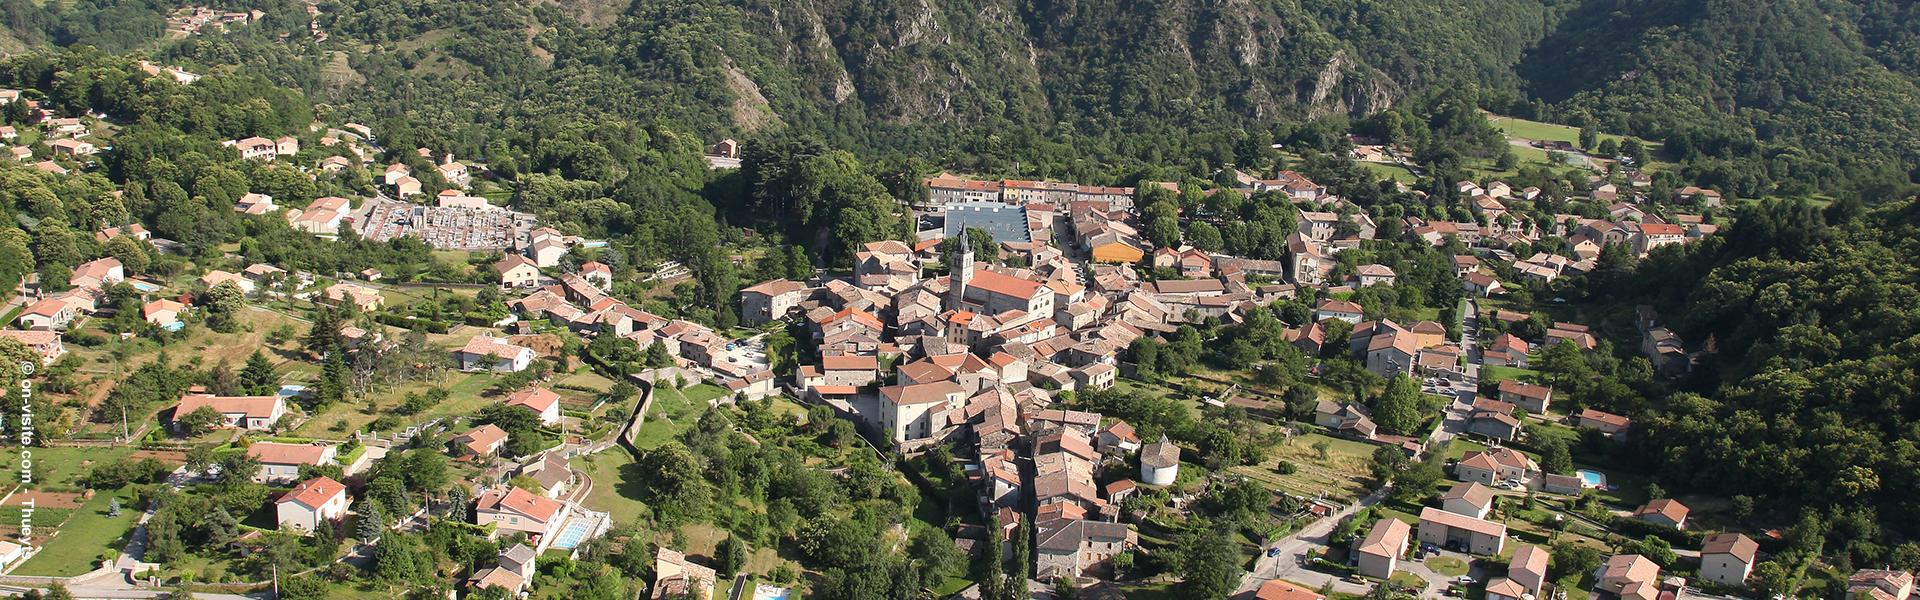 Village de caractère Thueyts